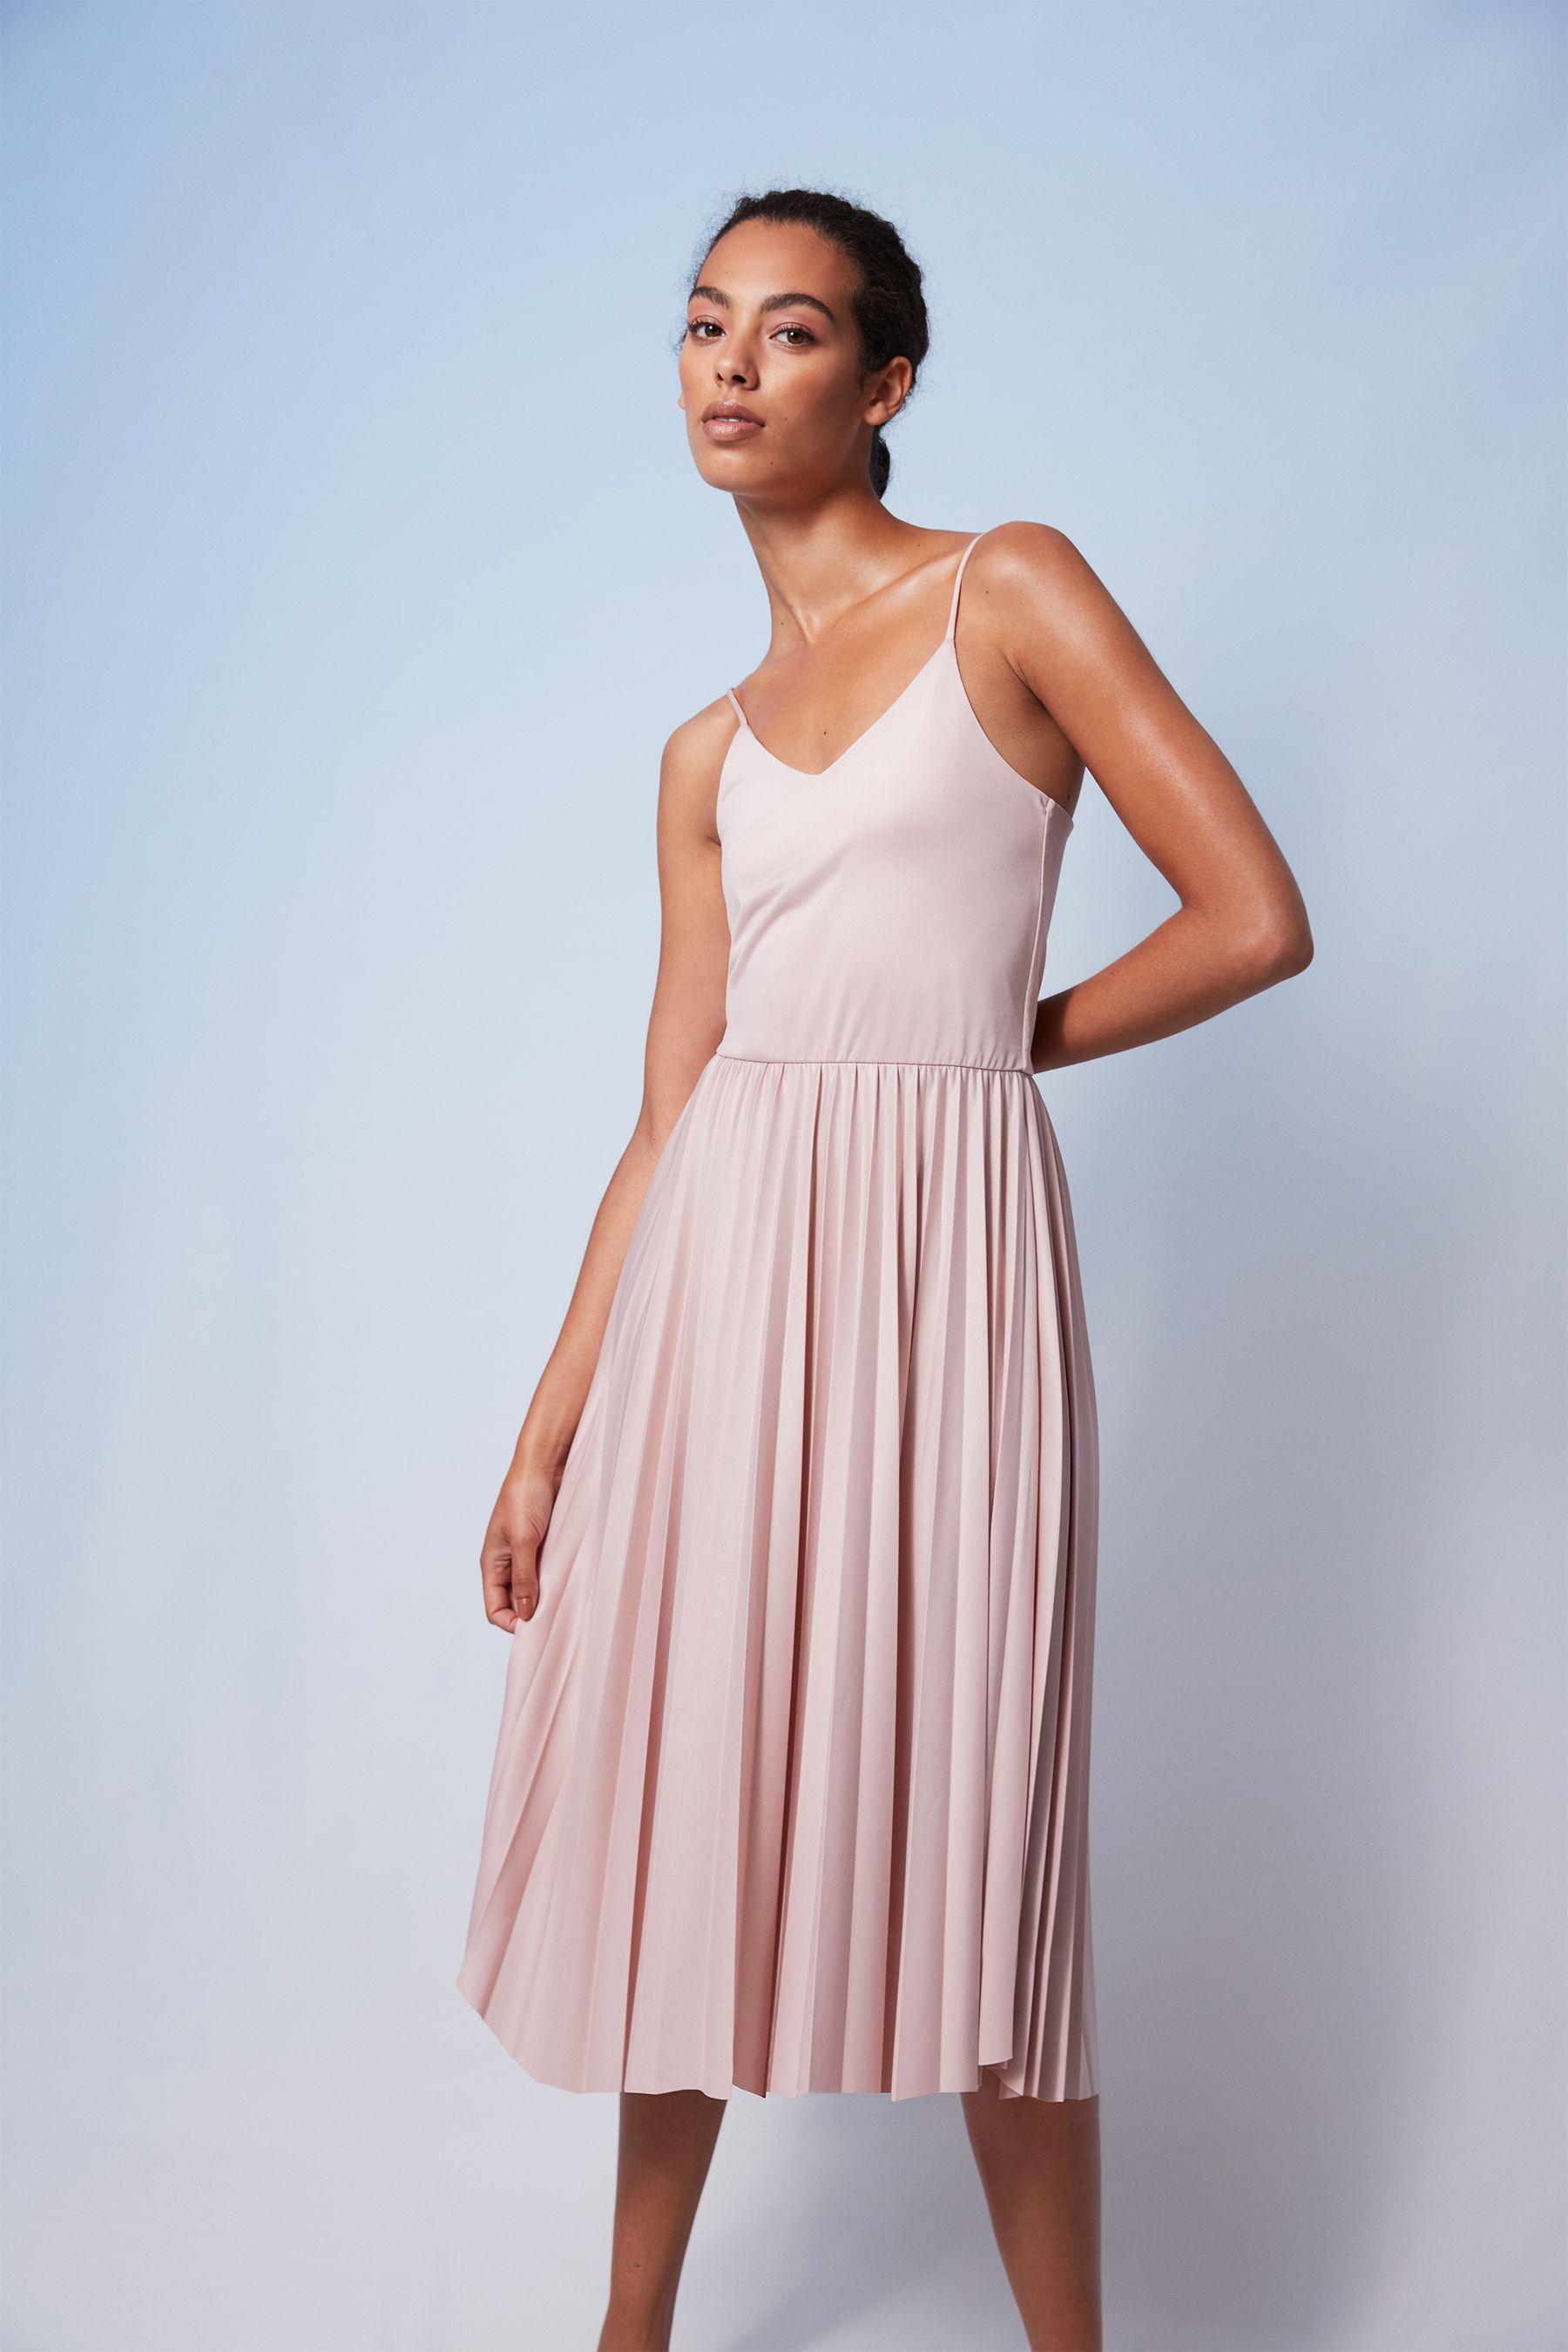 plisseekleid mit spaghettiträgern | plissee kleid, kleider